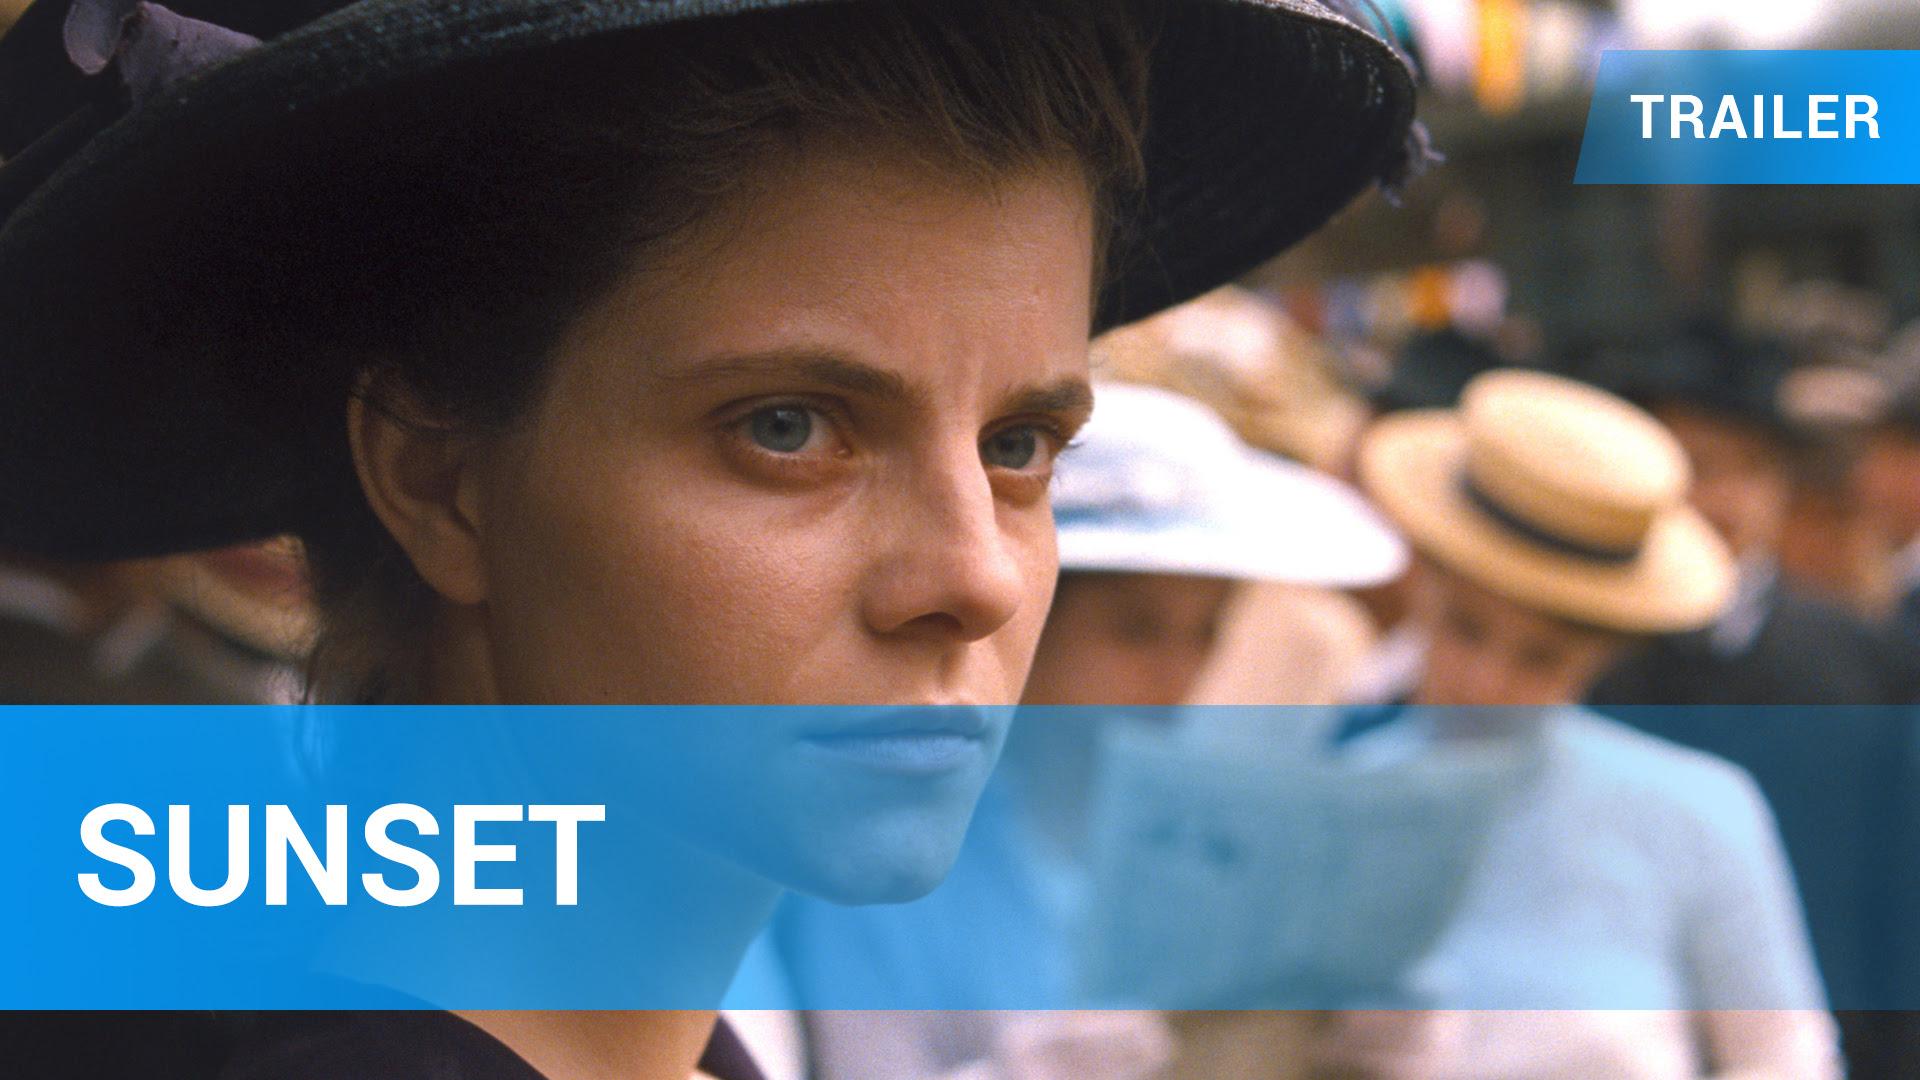 Sunset - Trailer Deutsch -